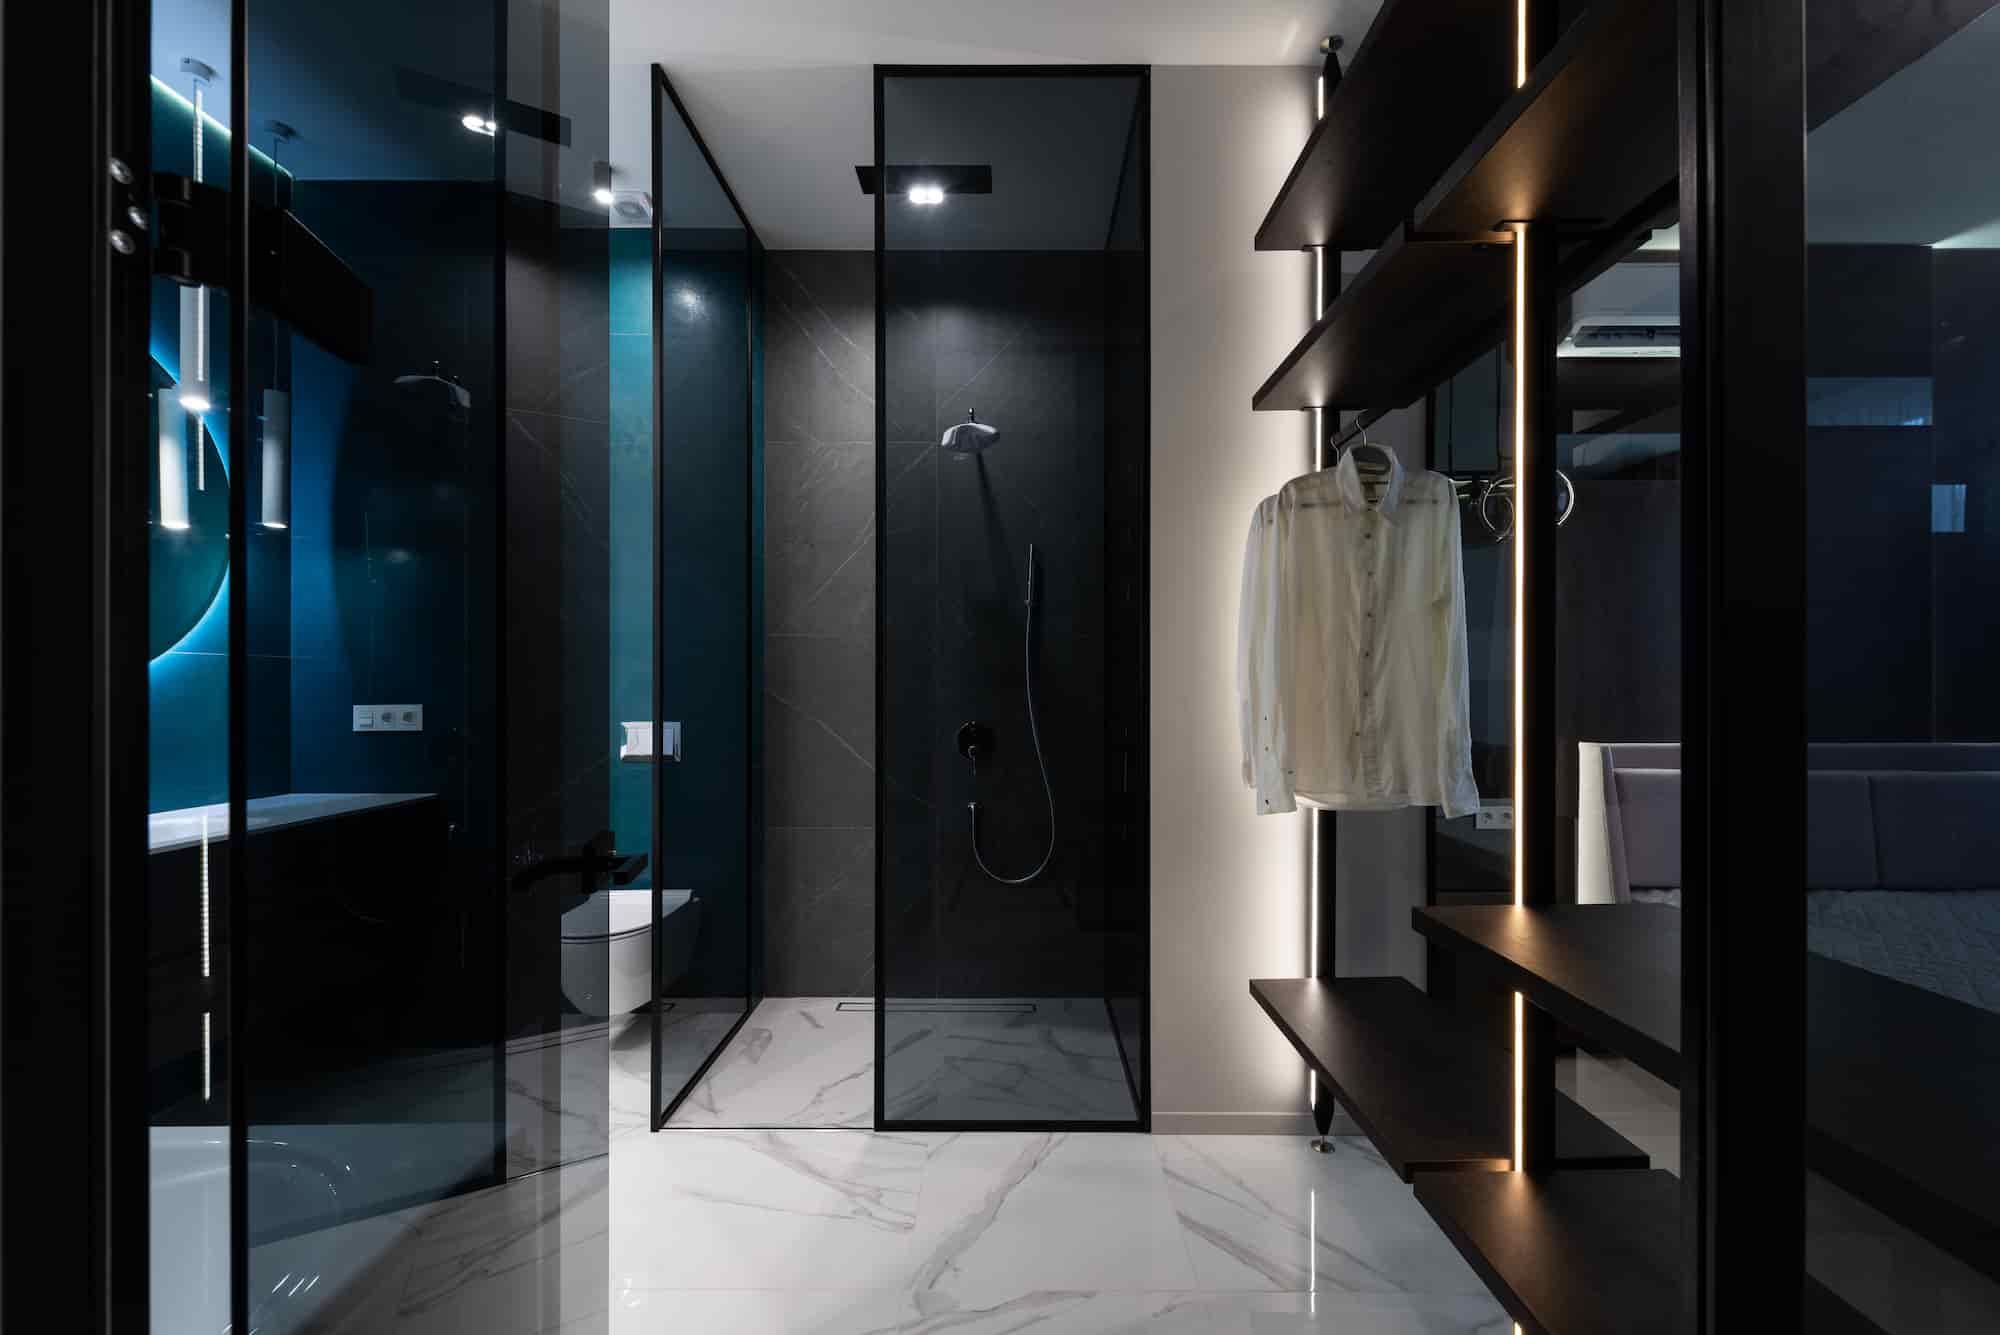 可以在櫃子上方或下方置放燈條,模擬室內的間接燈光